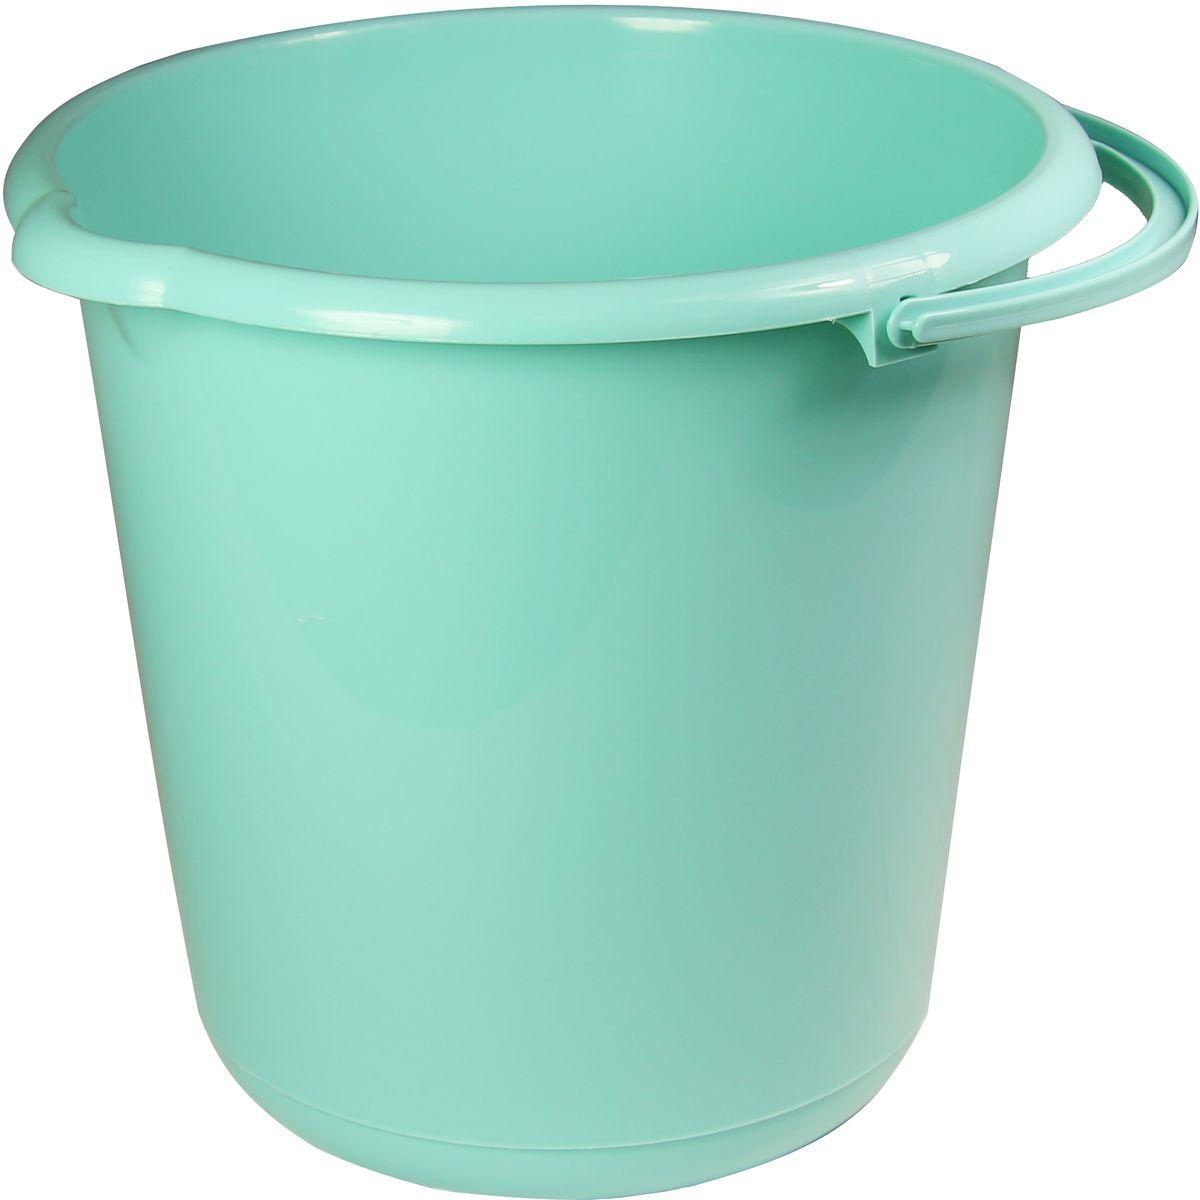 Ведро Idea, цвет: аквамарин, 10 лМ 2430Удобная ручка. Носик и углубление на дне для удобства слива воды. Нейтральные цвета. Качественное изделие по выгодной цене.